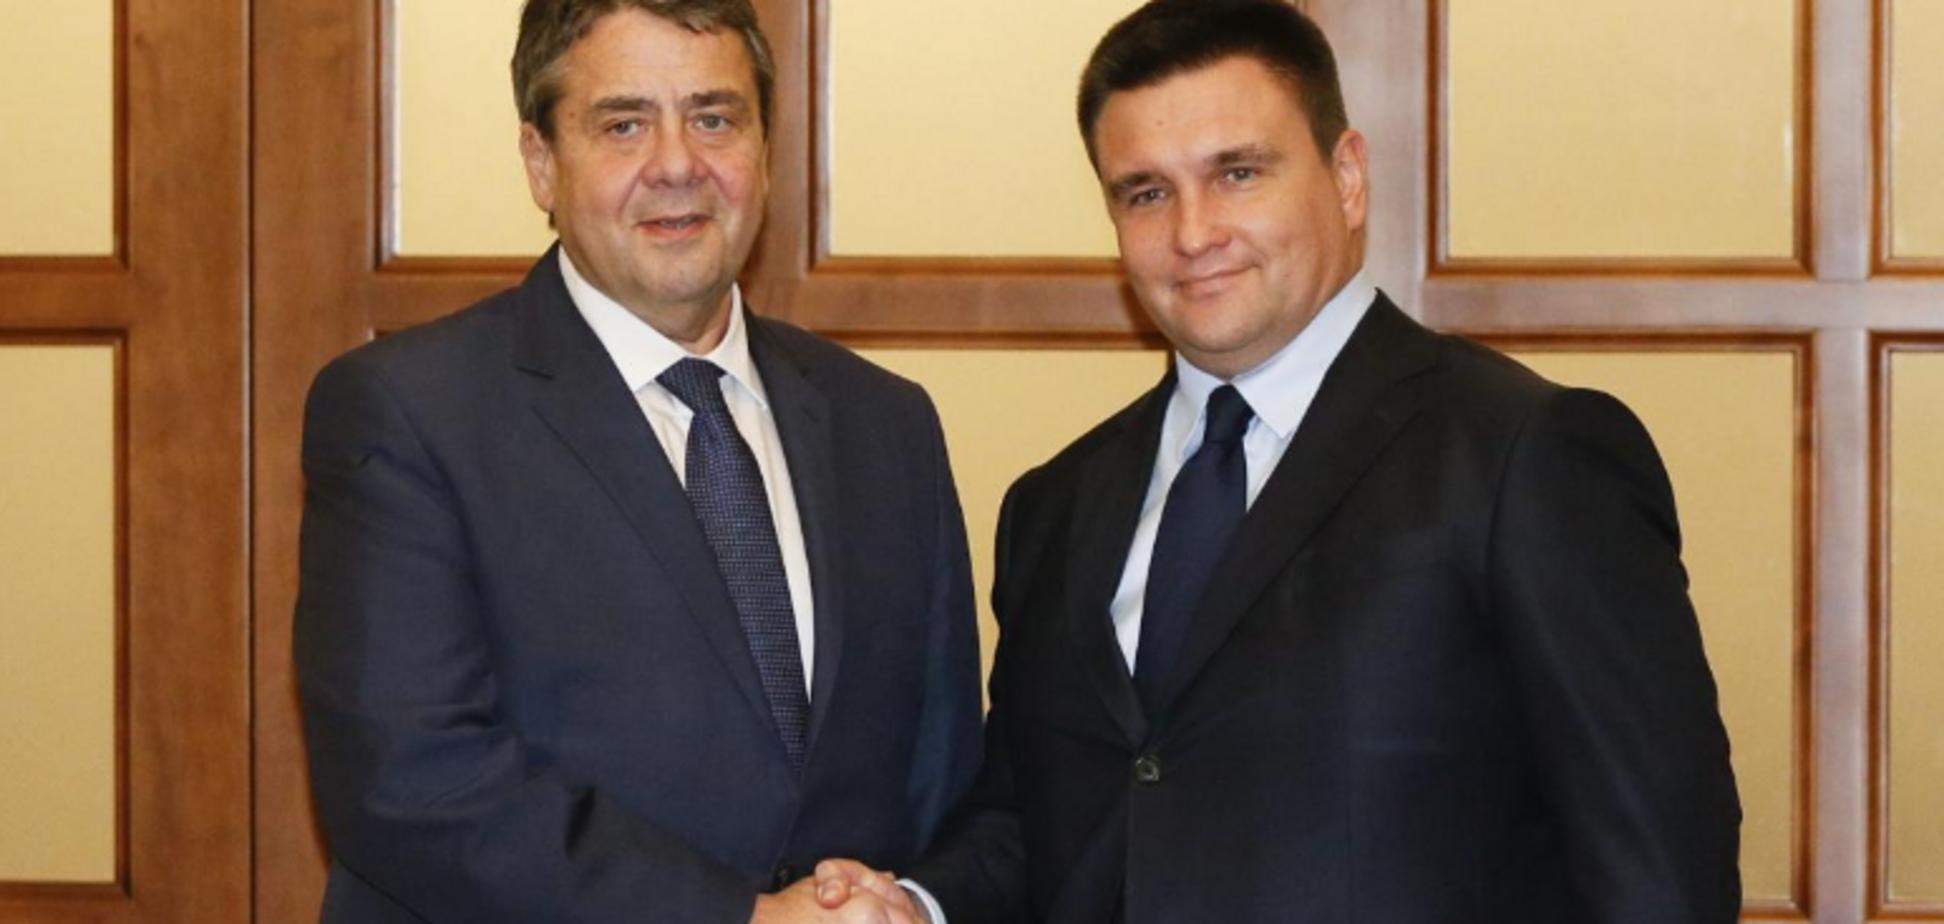 Летальное оружие США: Украина получила 'нож в спину' от Германии